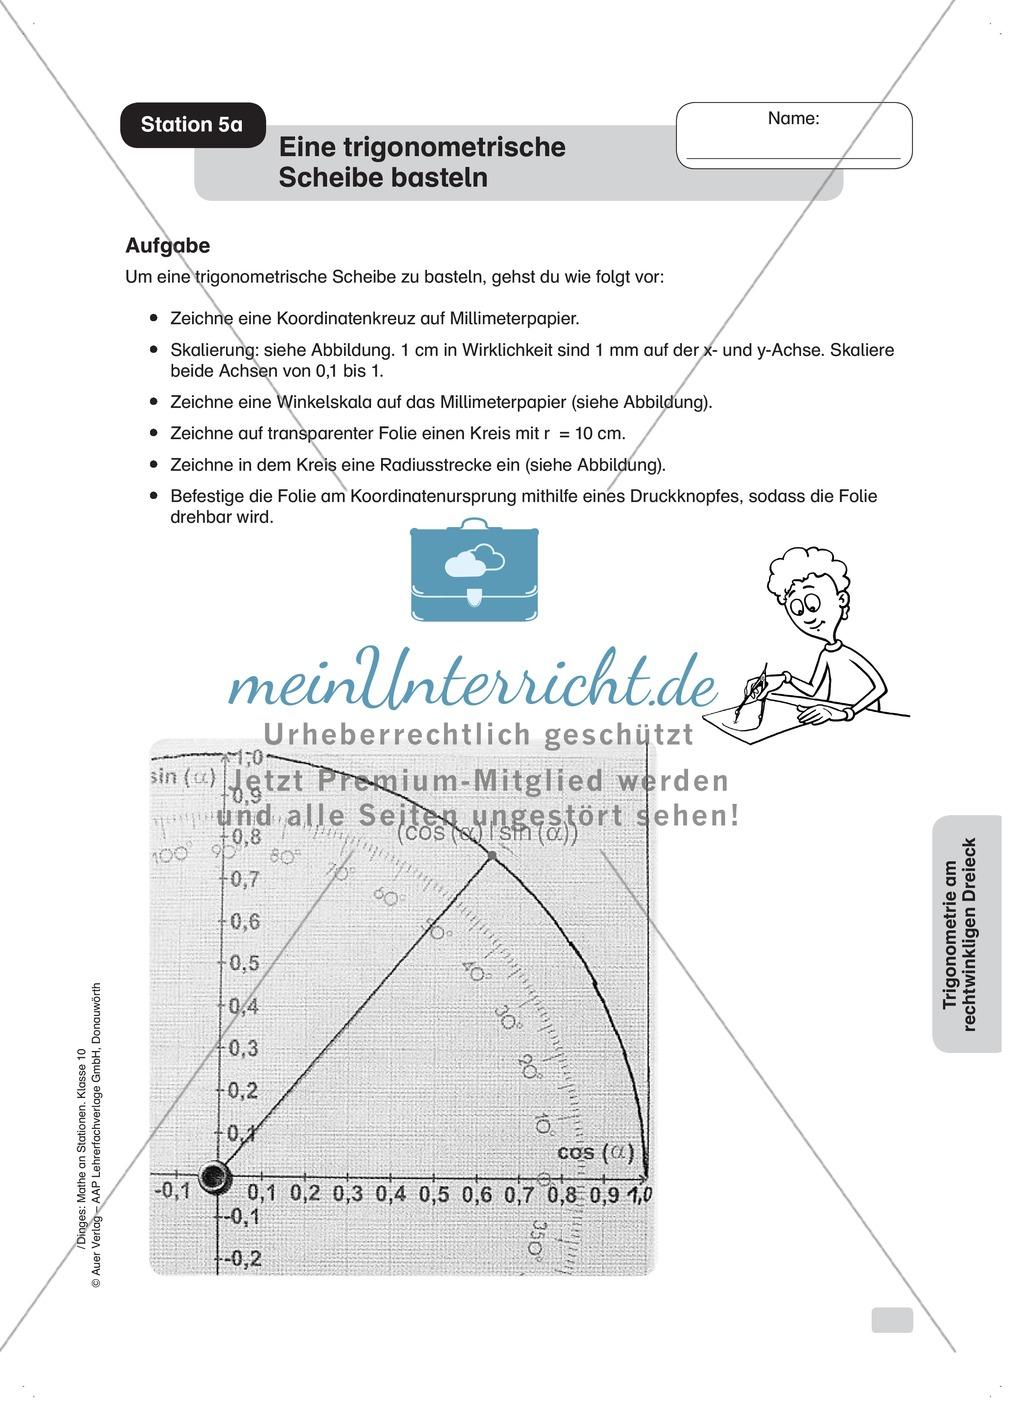 Eine trigonometrische Scheibe basteln und benutzen - meinUnterricht